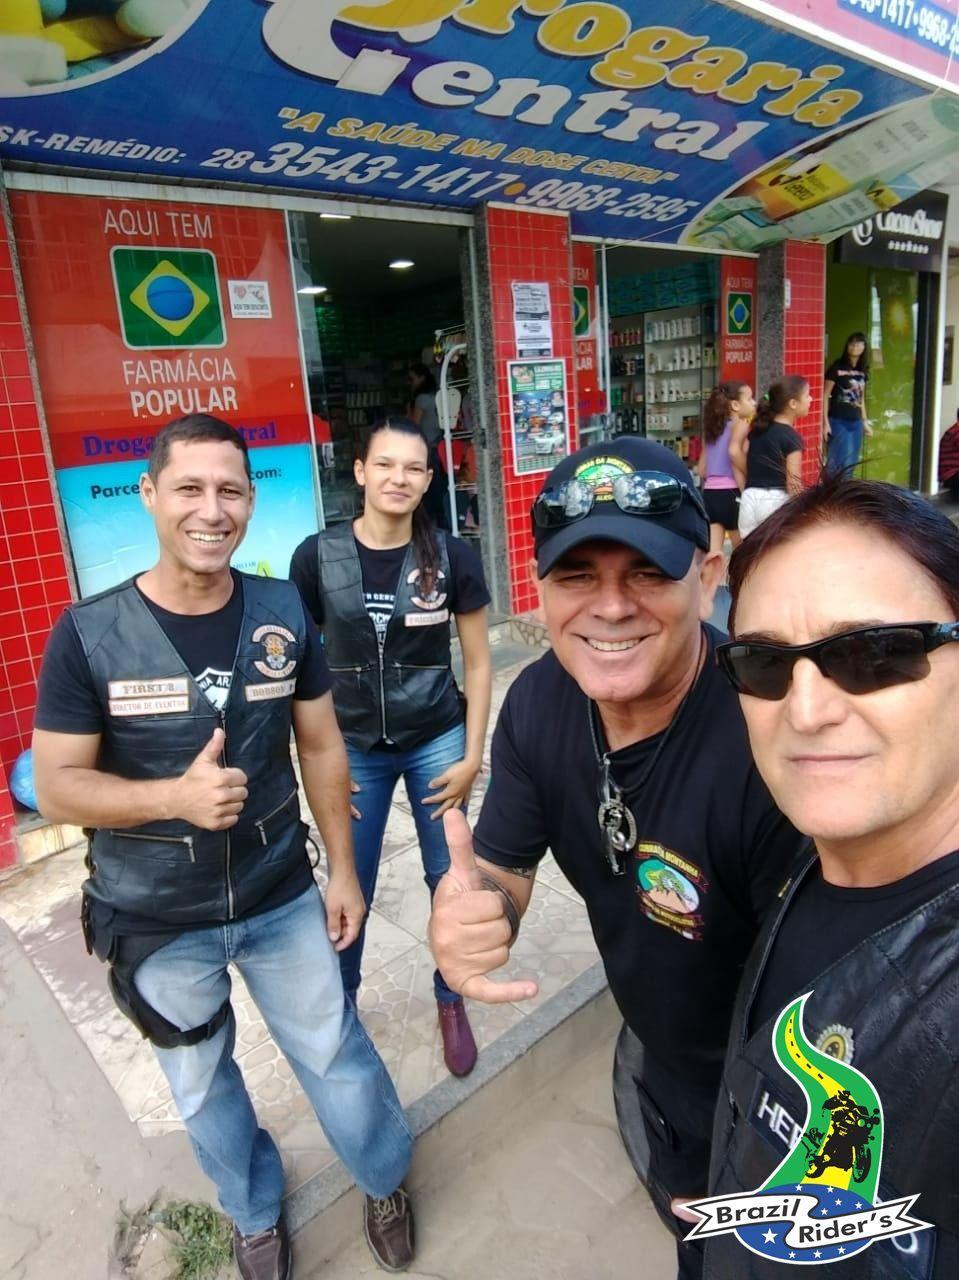 Agradeço ao amigo Barbosinha pelo convite, quero muito ajudar aos irmãos, ótima instituição de apoio aos motociclistas estradeiros.